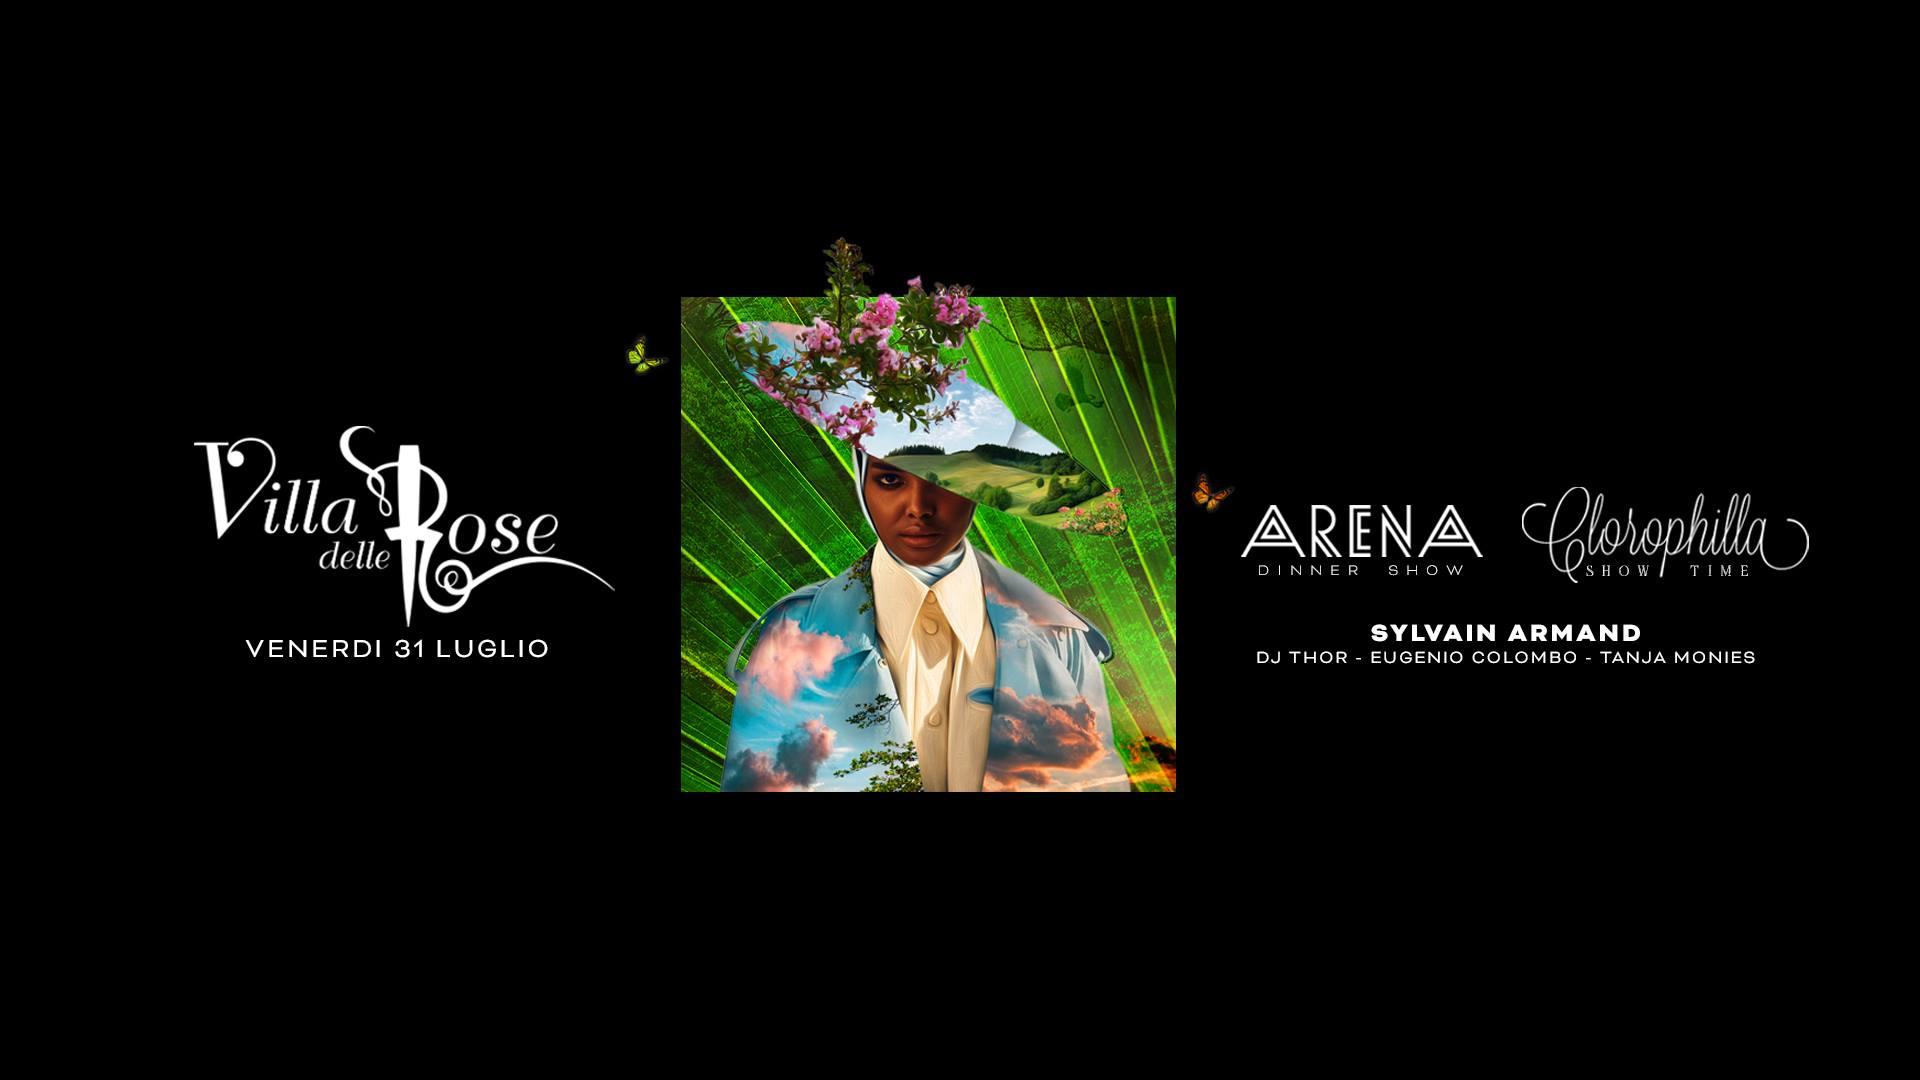 clorophilla villa delle rose venerdì 31 luglio